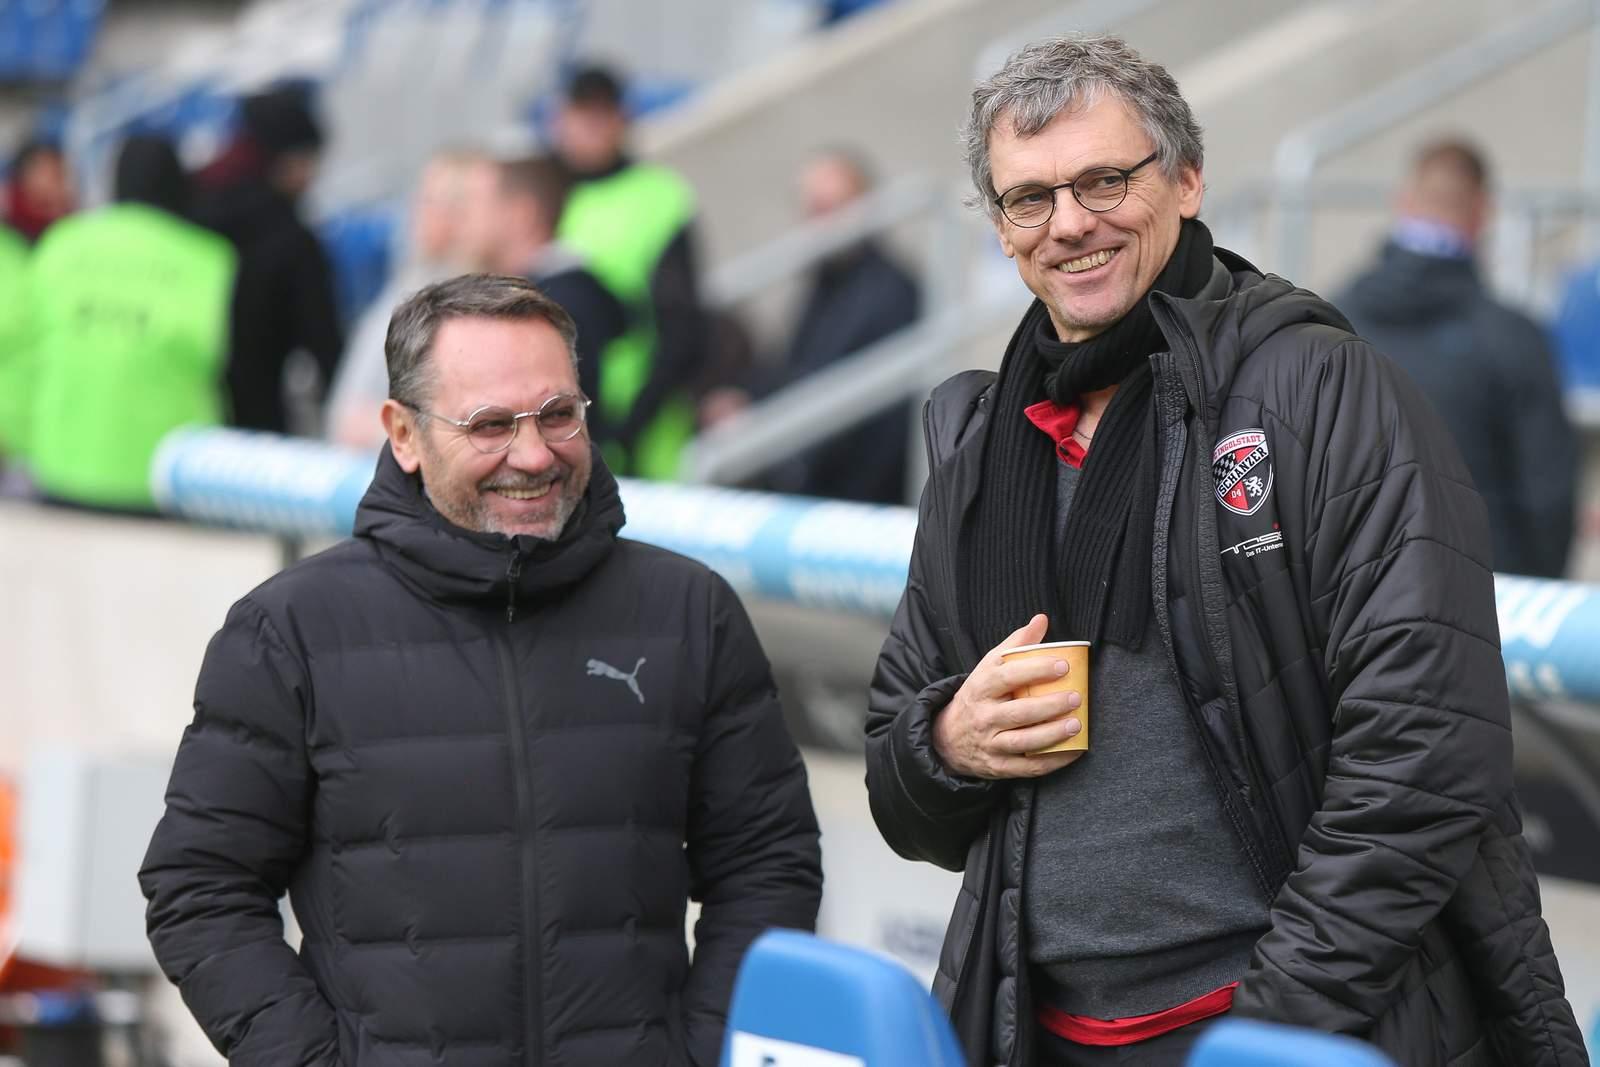 Franz Spitzauer und Michael henke vom FC Ingolstadt